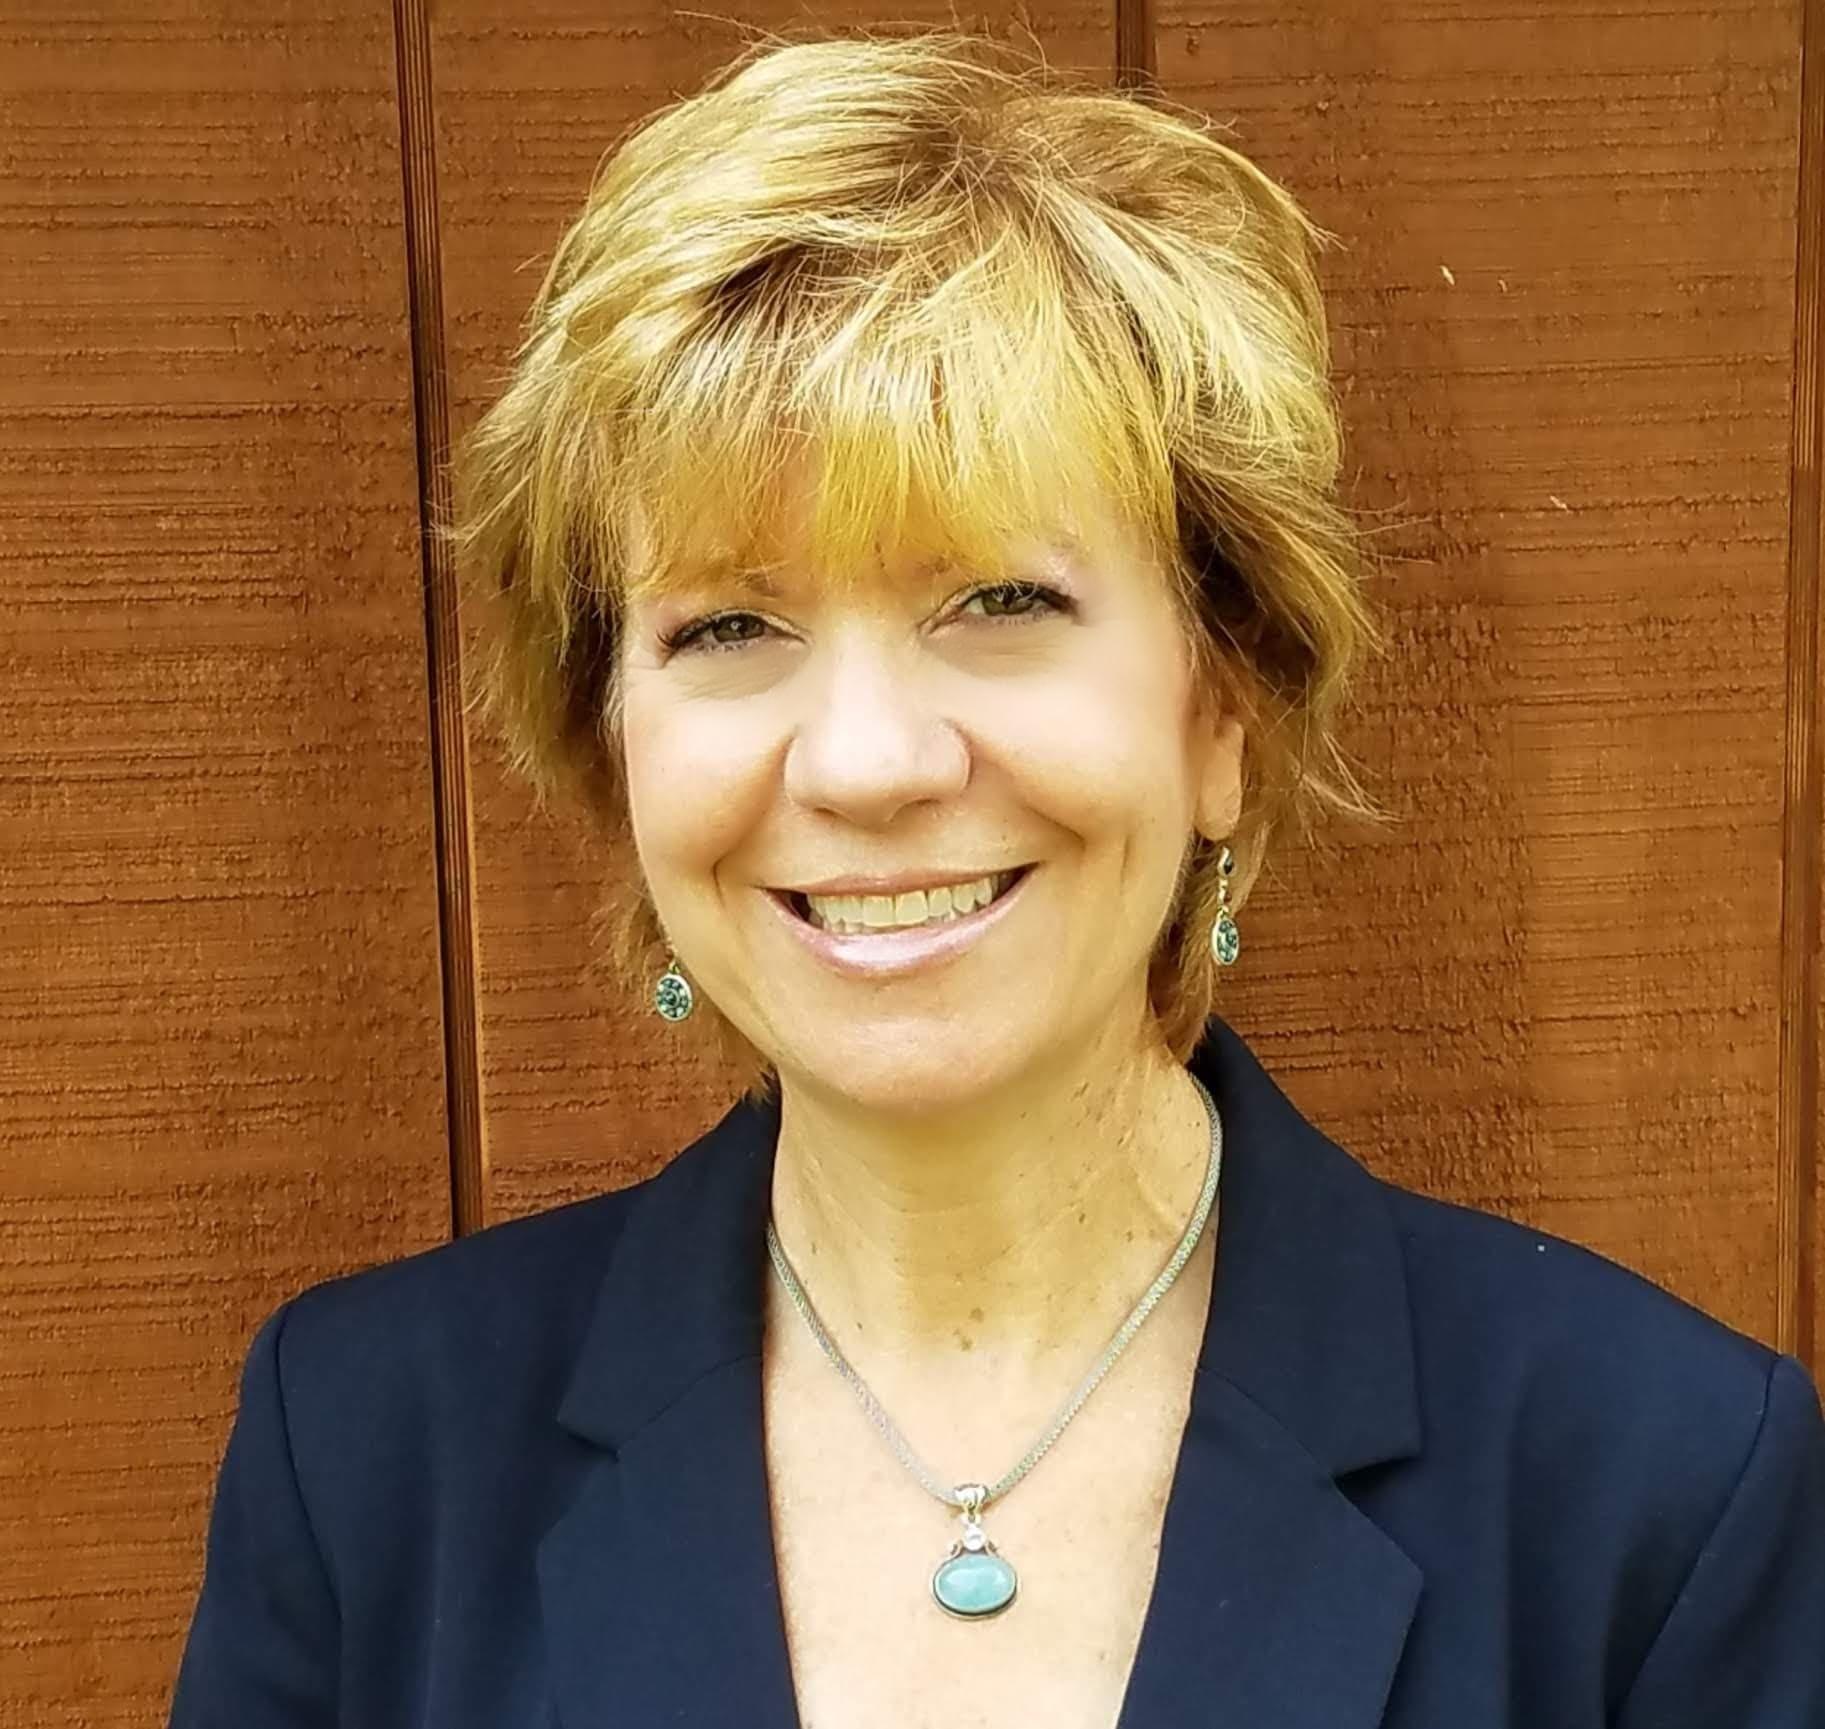 Mollie Katz